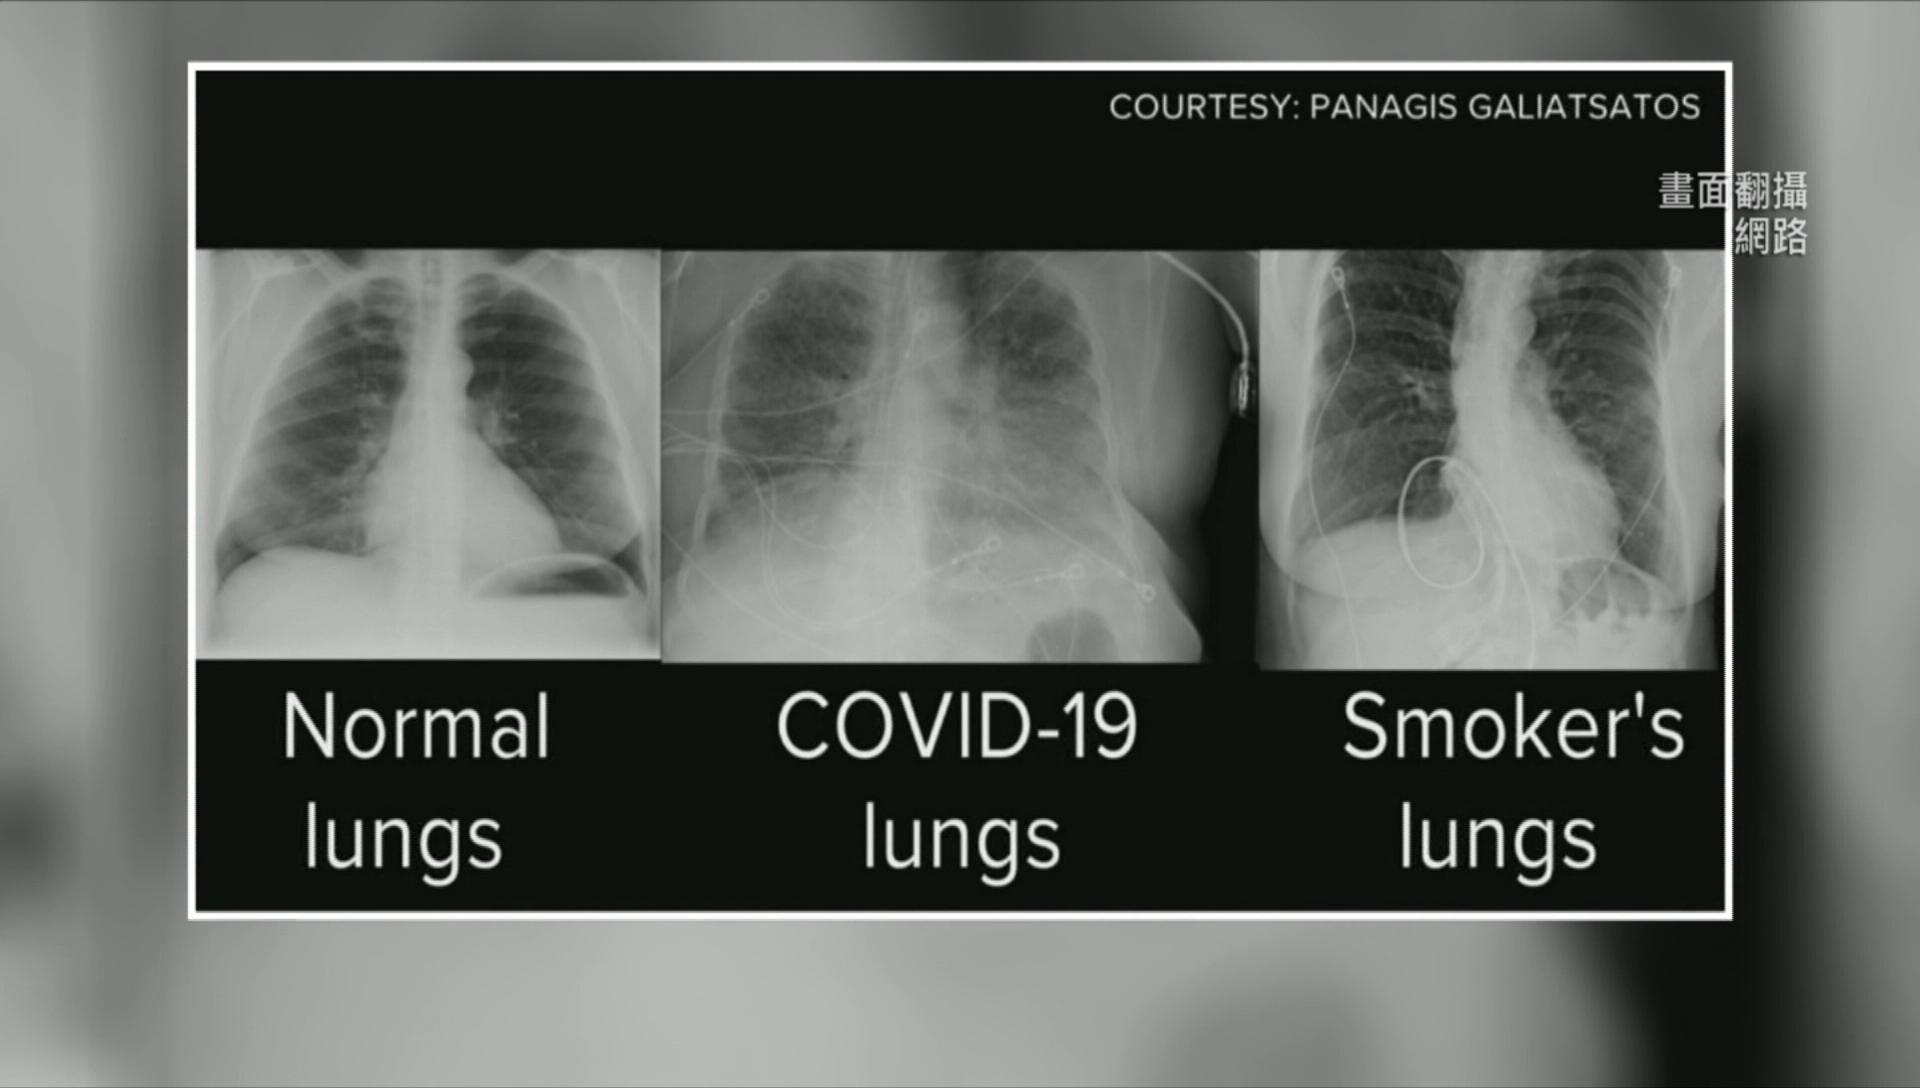 染疫7步倒地! 隱形缺氧非唯一 「肺栓塞」更致命